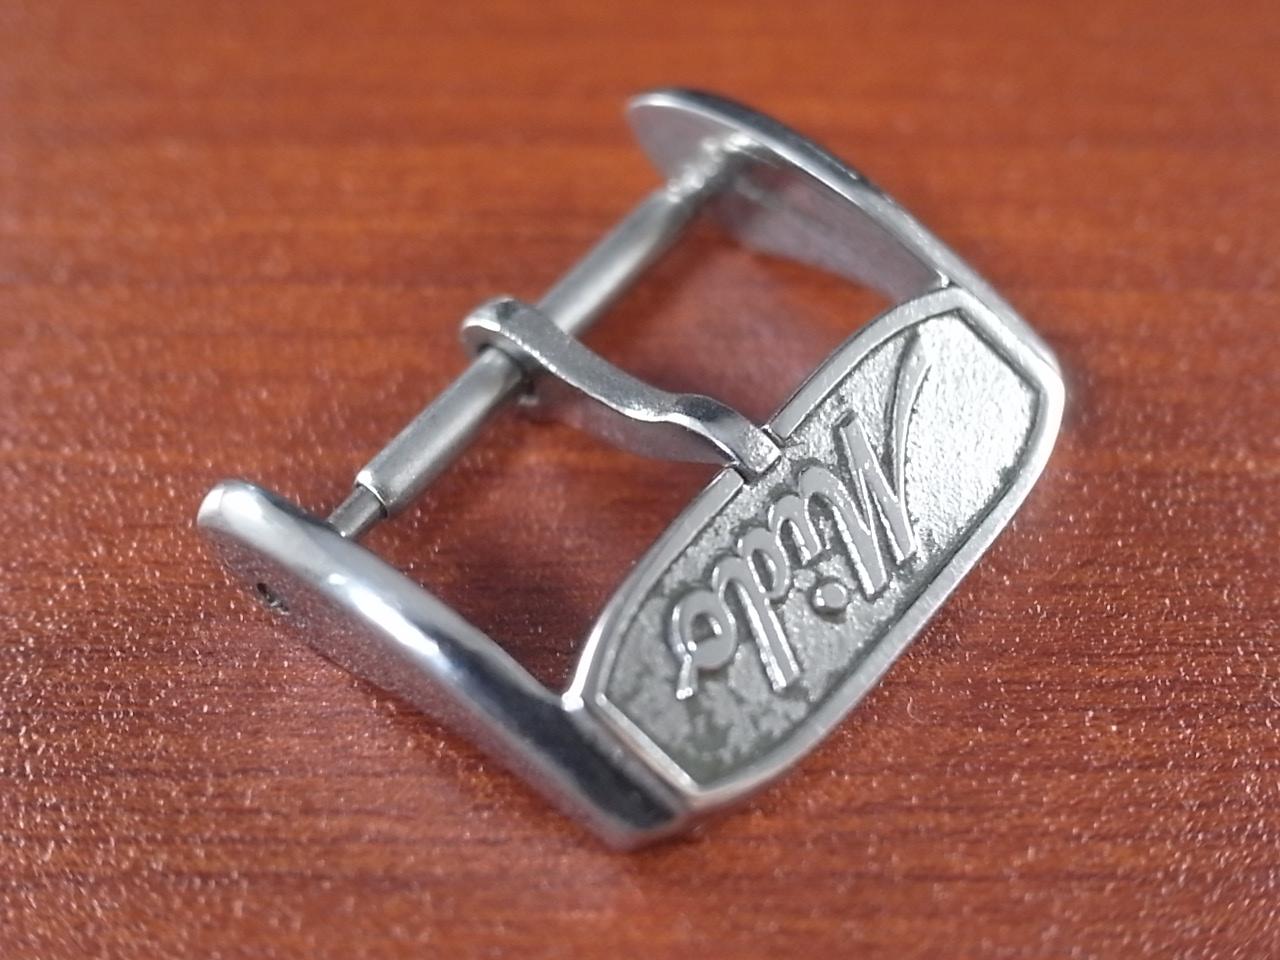 ミドー ヴィンテージ尾錠 SS 16mm 1940年代のメイン写真